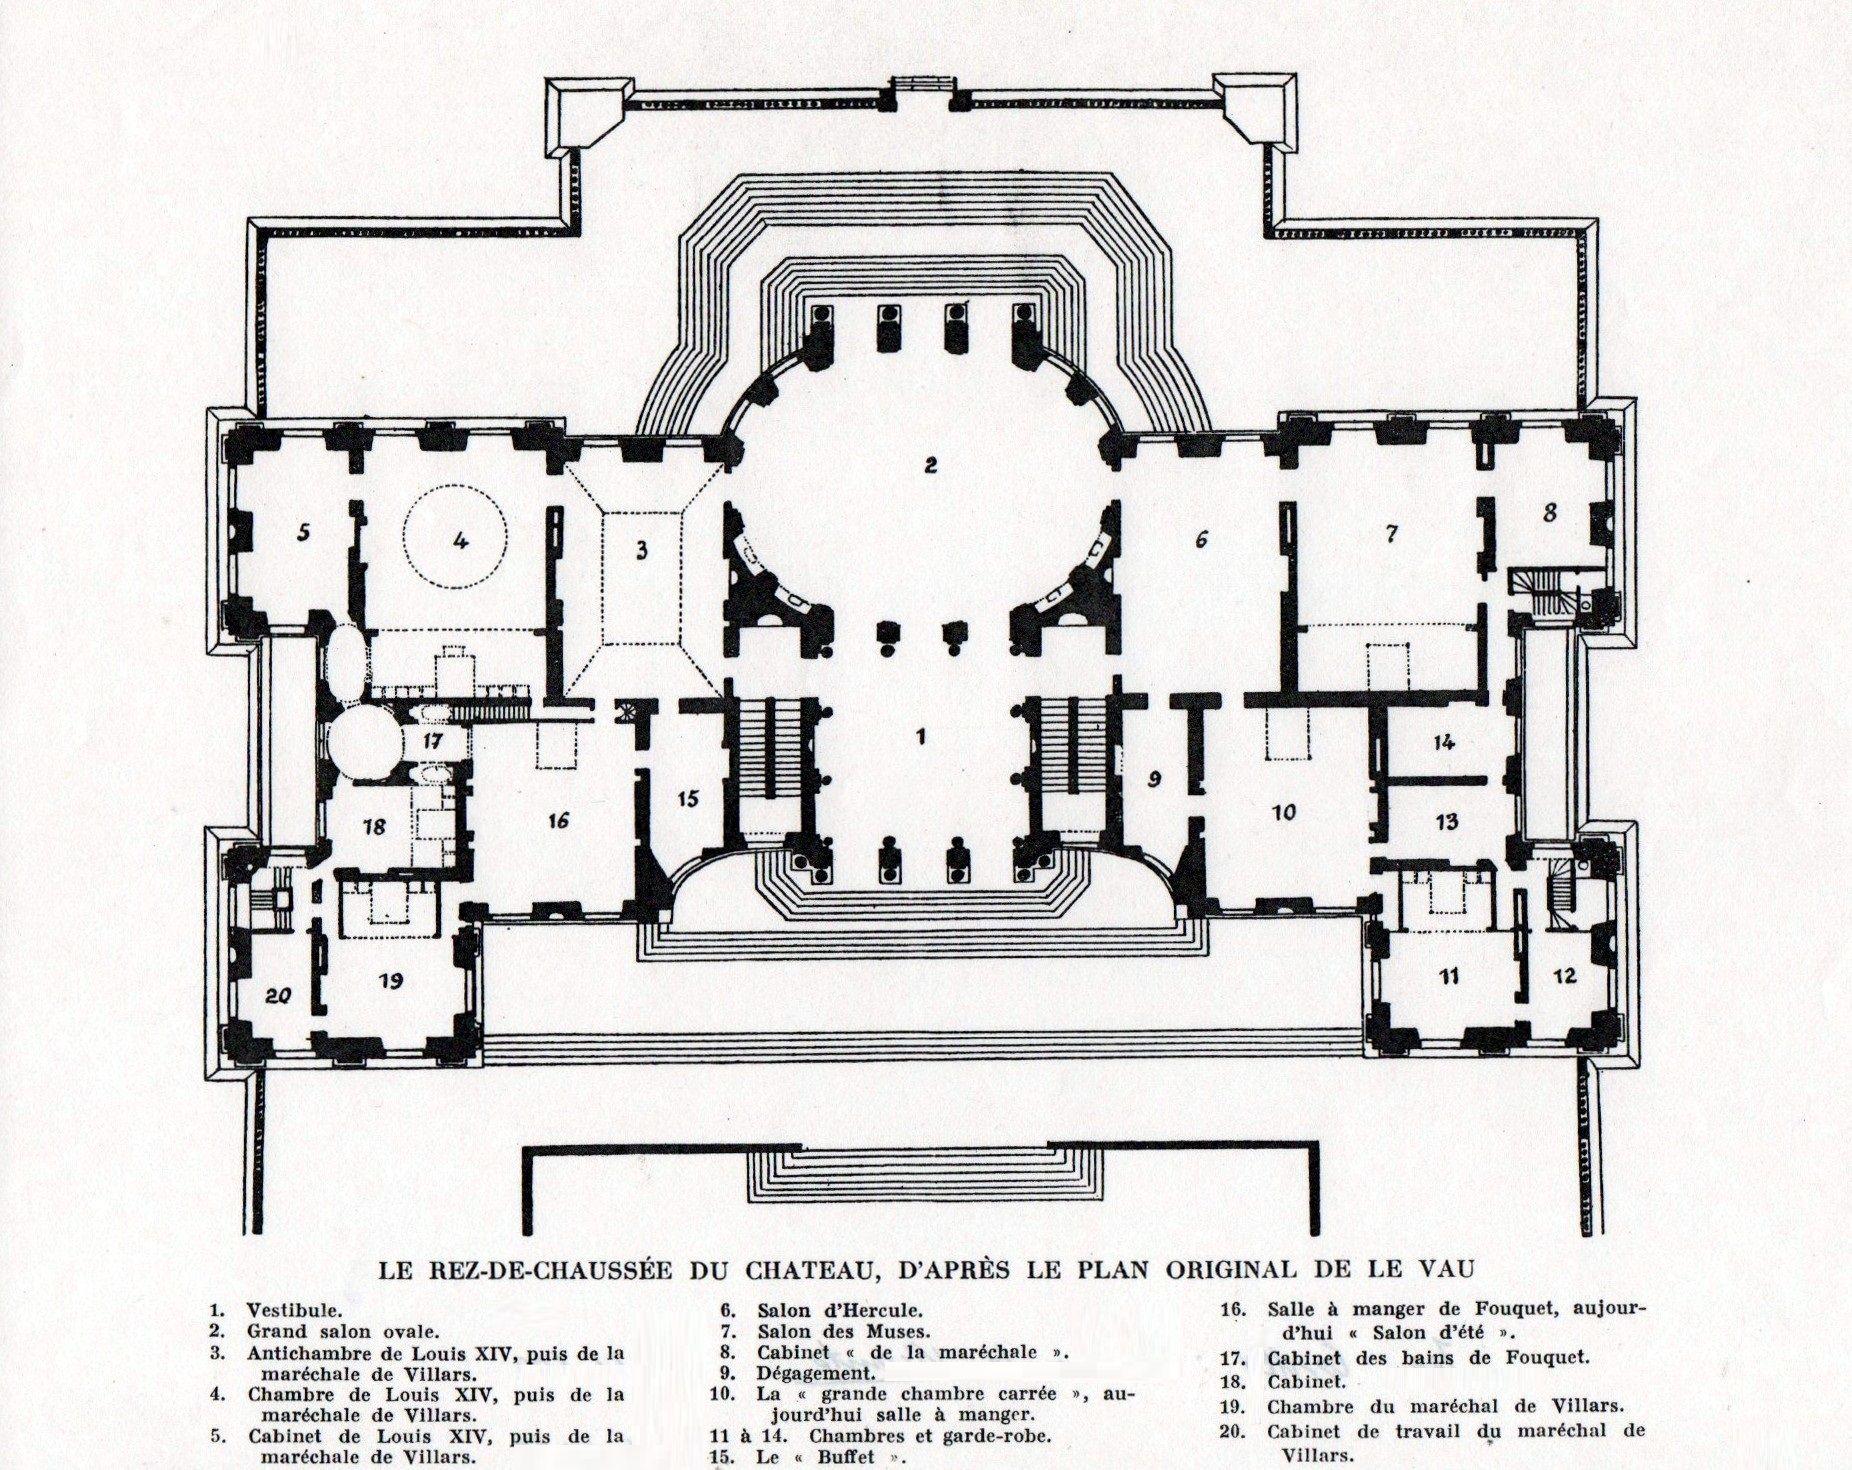 Chateau De Vaux Le Vicomte Ground Floor Plan Mansion Floor Plan Architectural Floor Plans House Plan Gallery